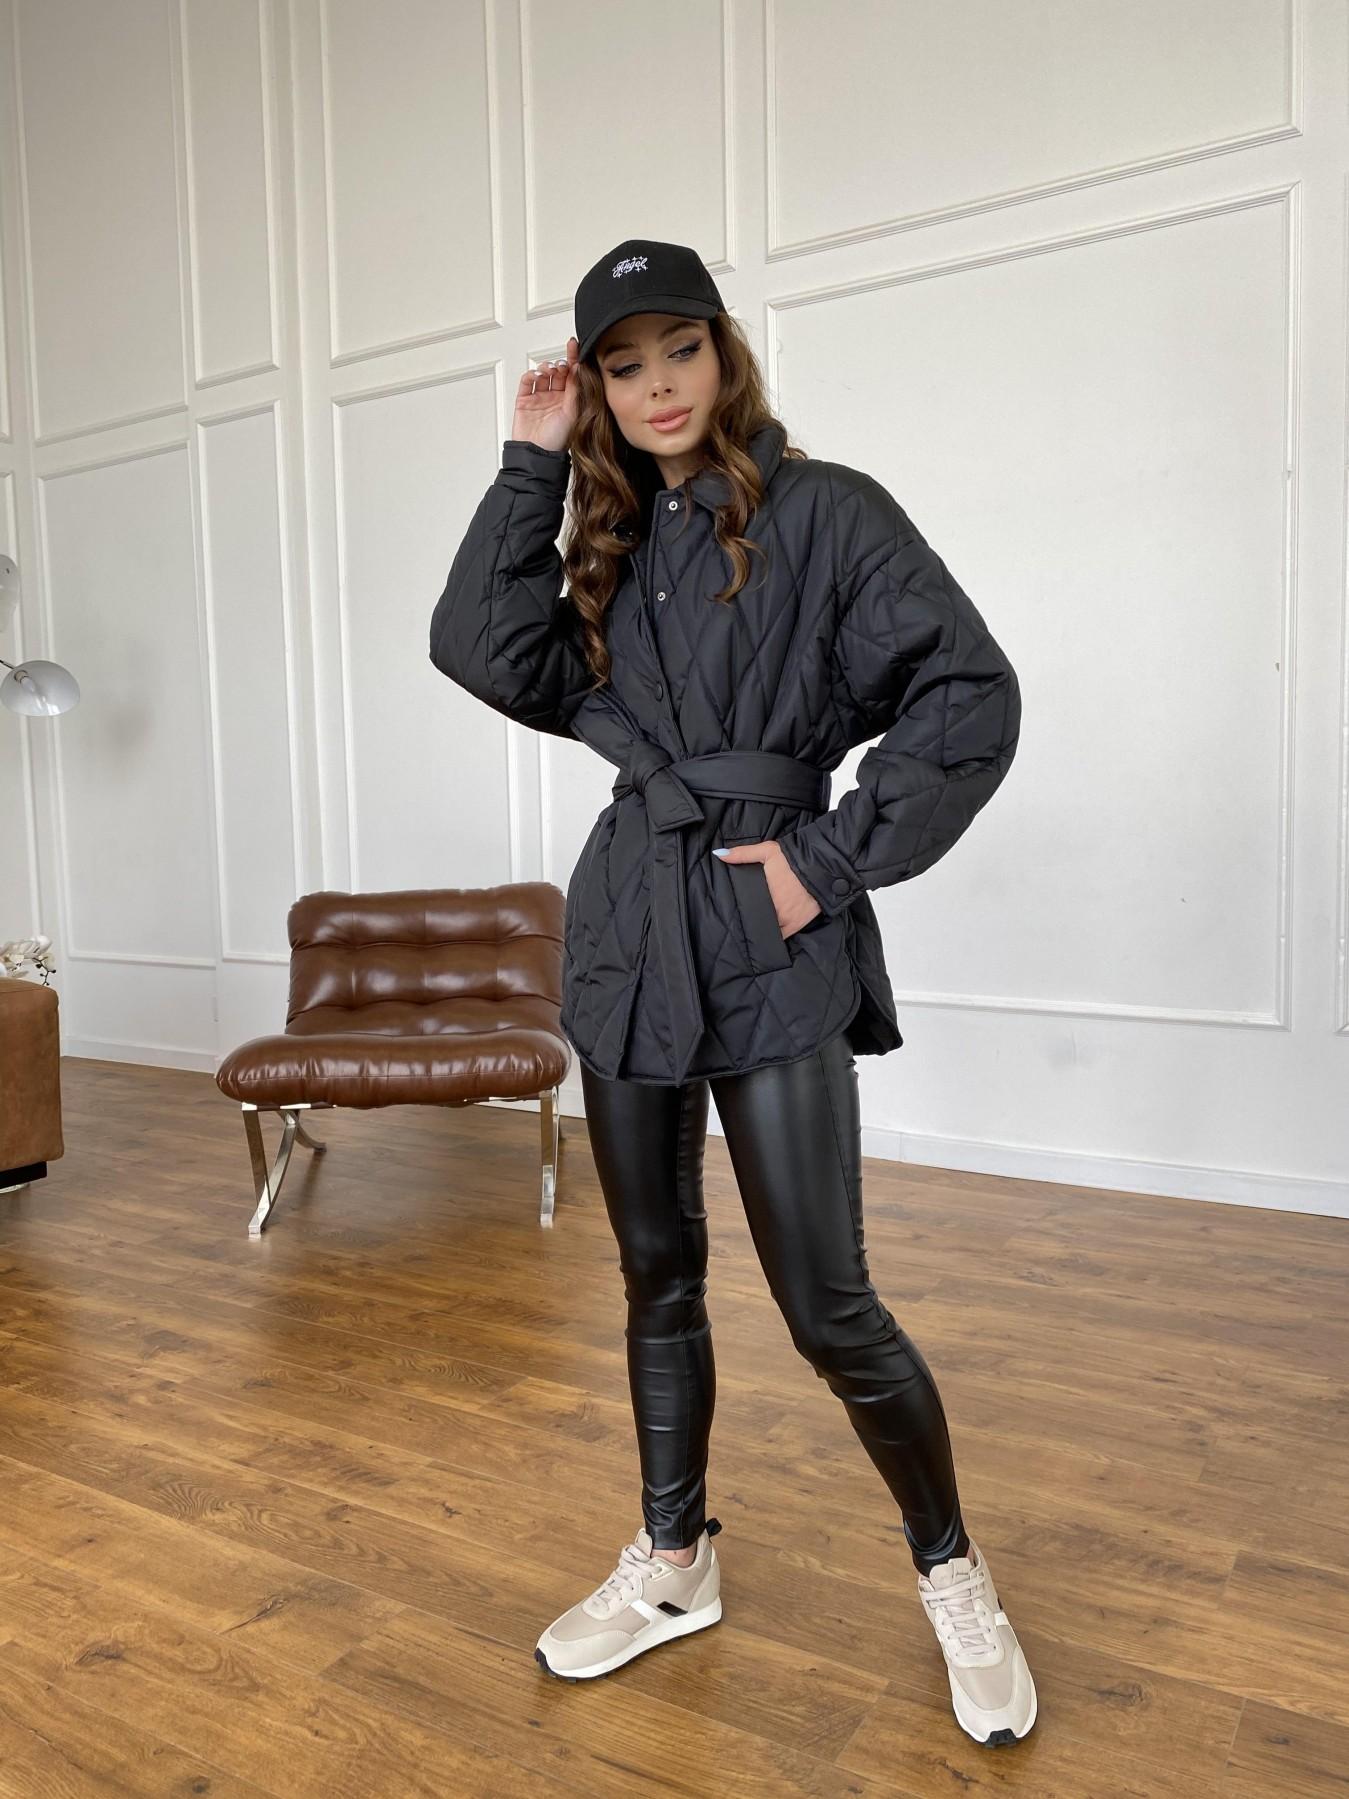 Моно куртка из плащевой ткани Ammy 10972 АРТ. 47618 Цвет: Черный - фото 2, интернет магазин tm-modus.ru